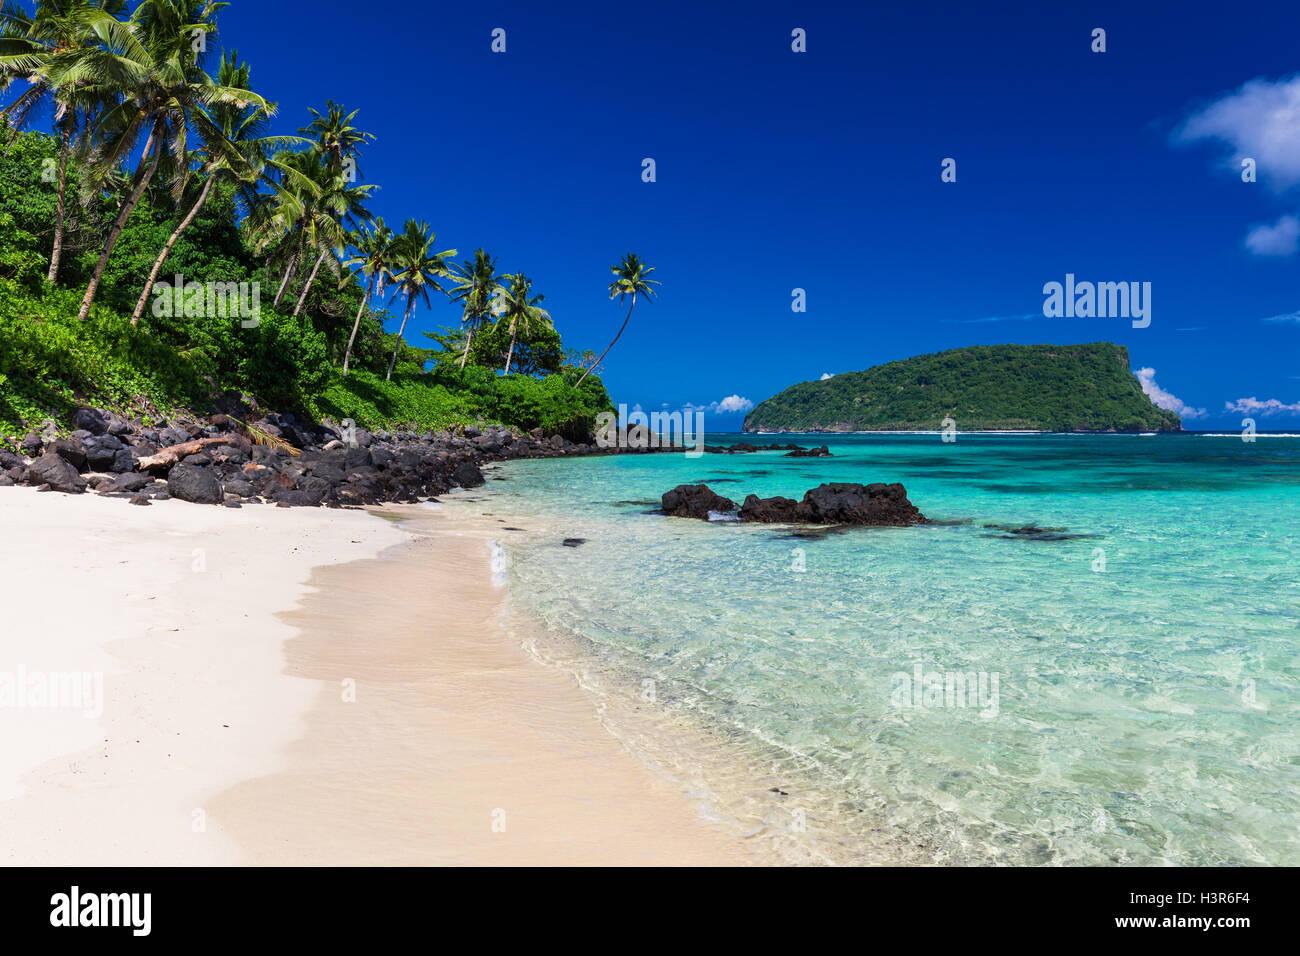 Vibrante Lalomanu tropicale sulla spiaggia di Samoa Isola con palme di cocco Immagini Stock